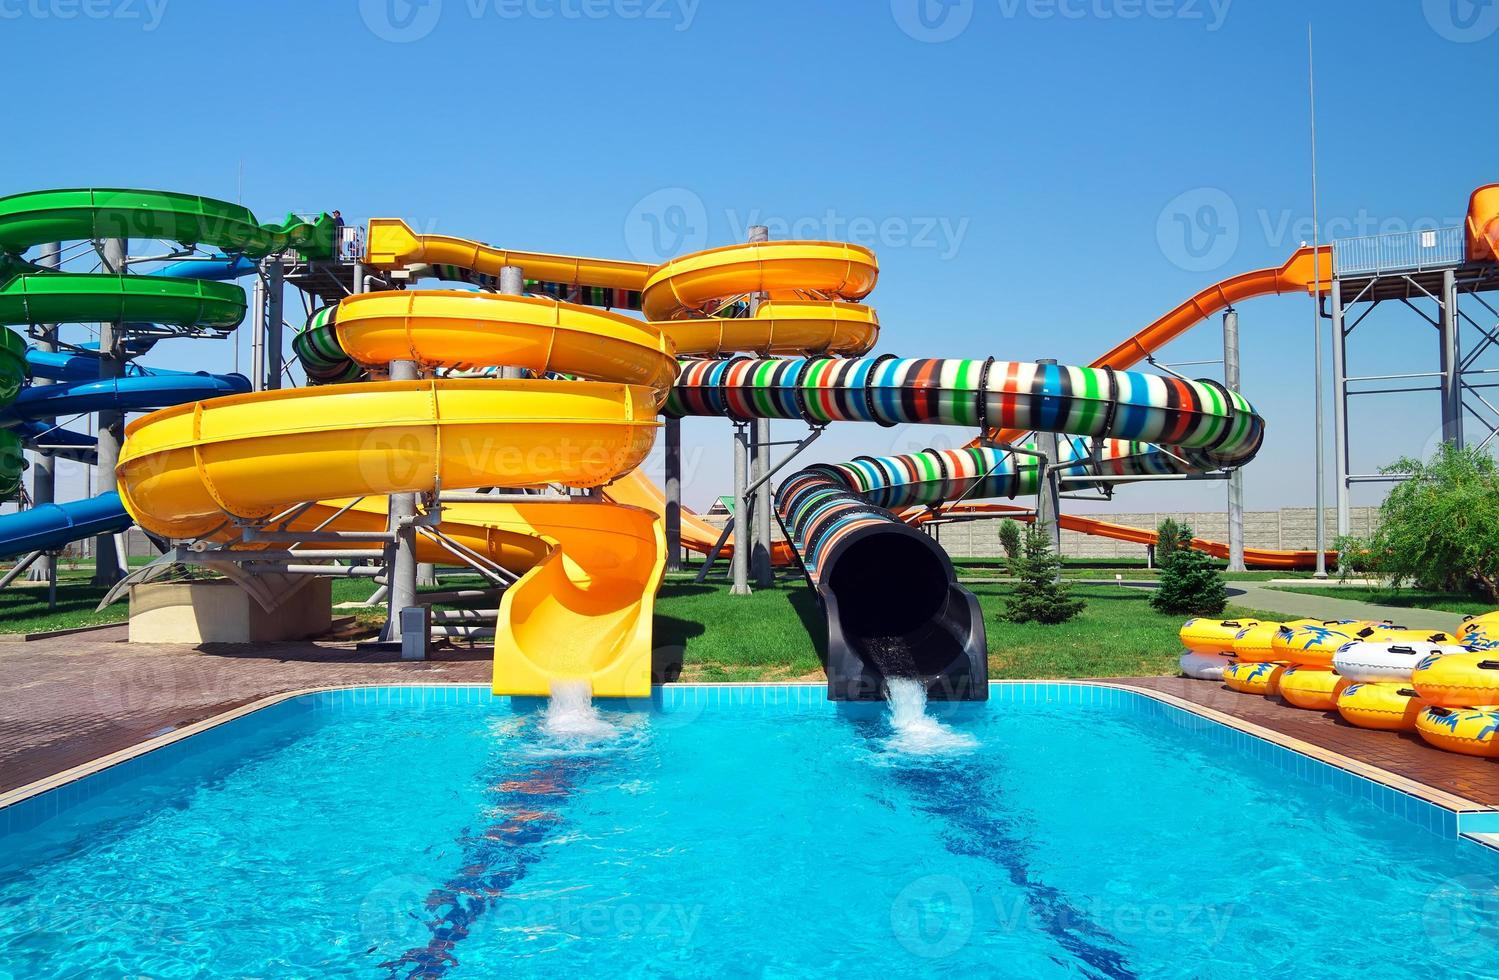 curseurs aquapark photo